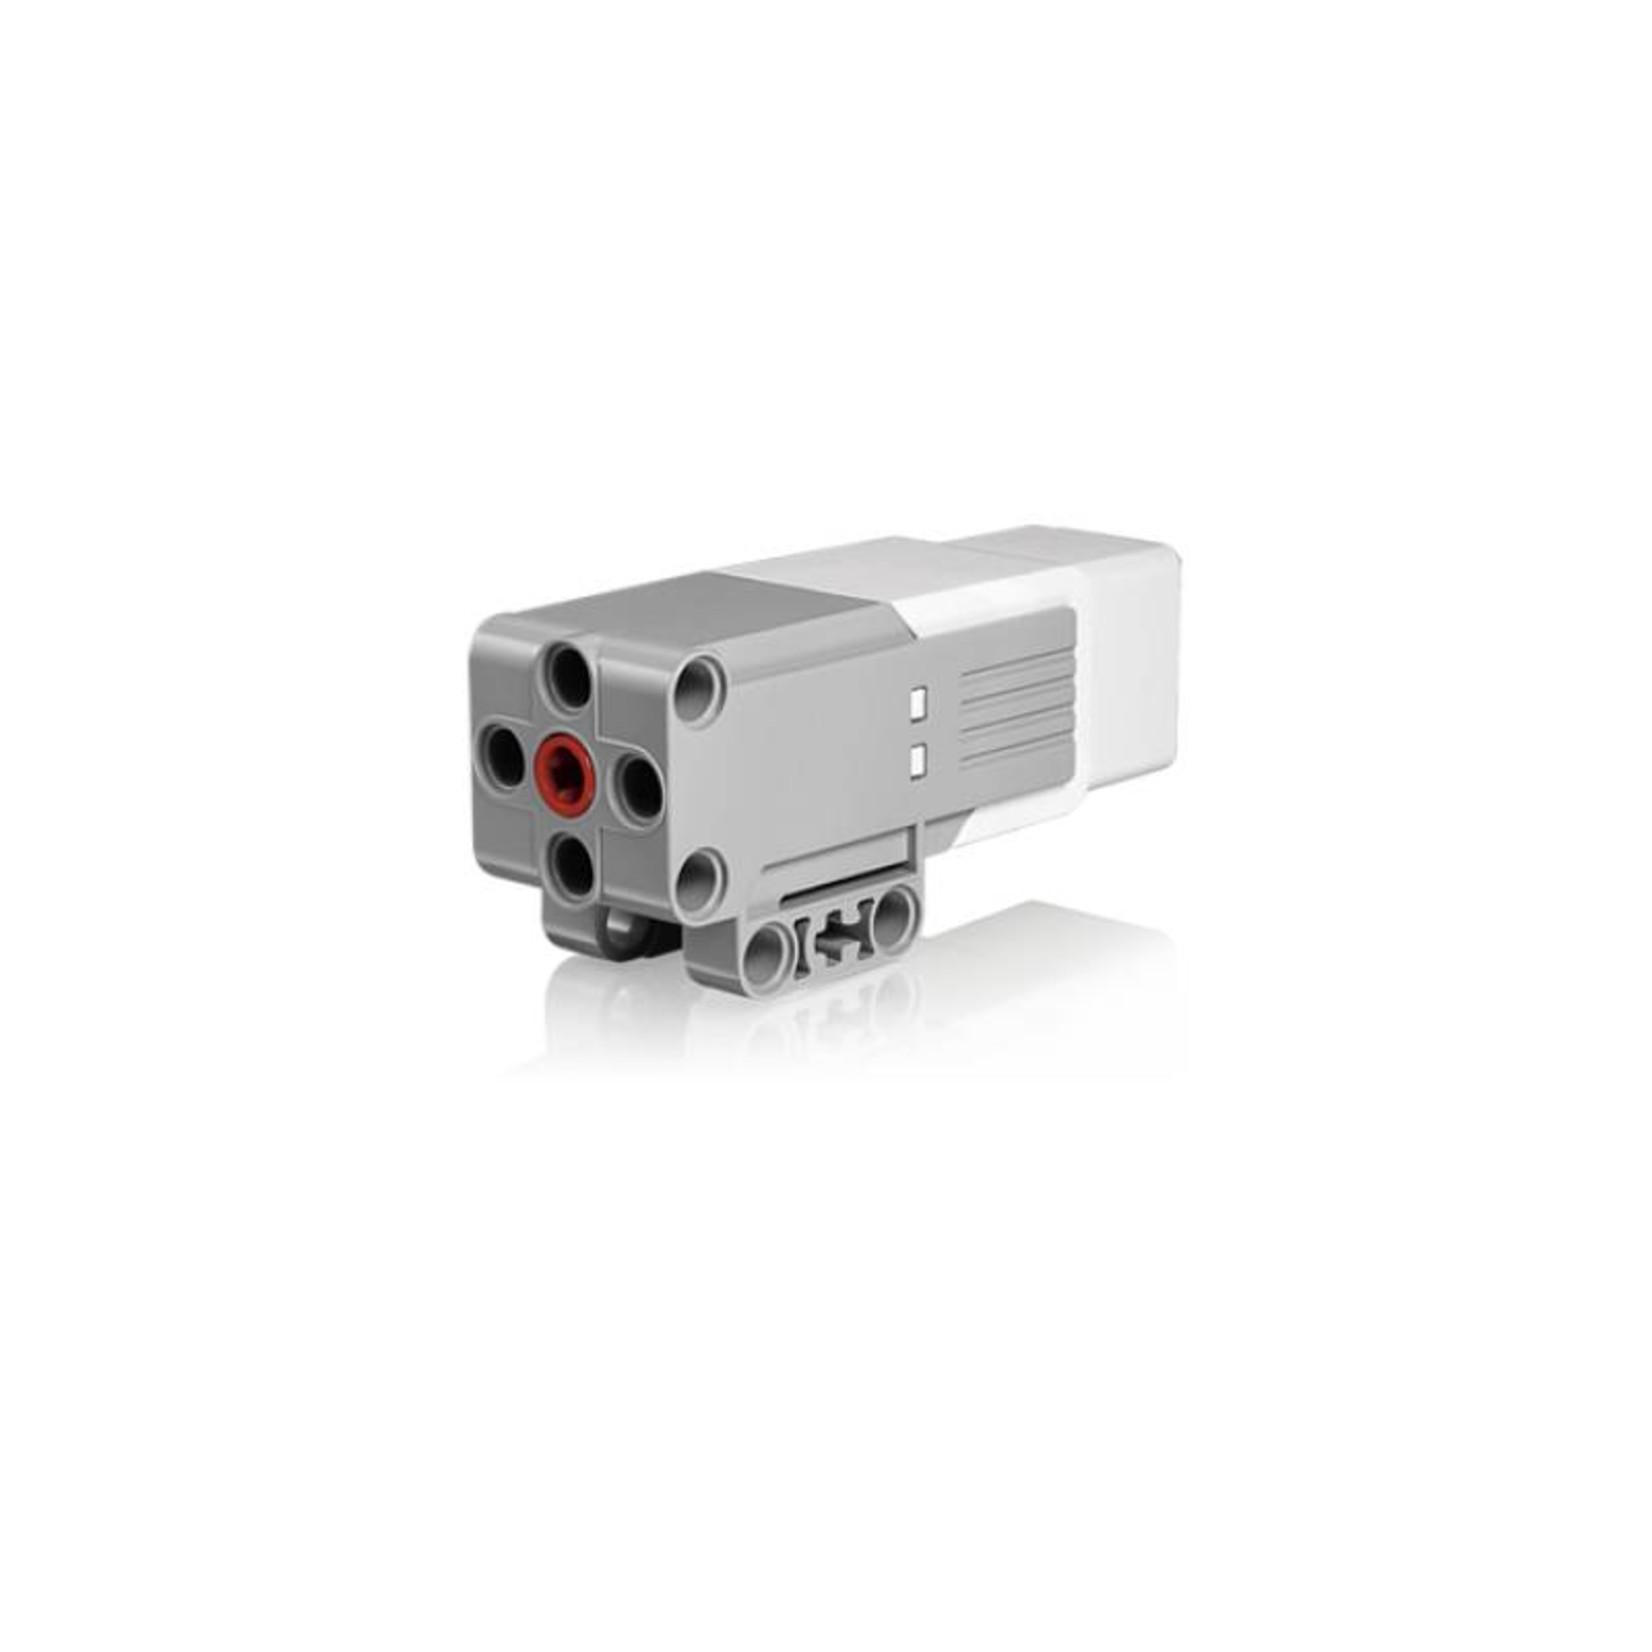 LEGO® Education EV3 Servo Motor